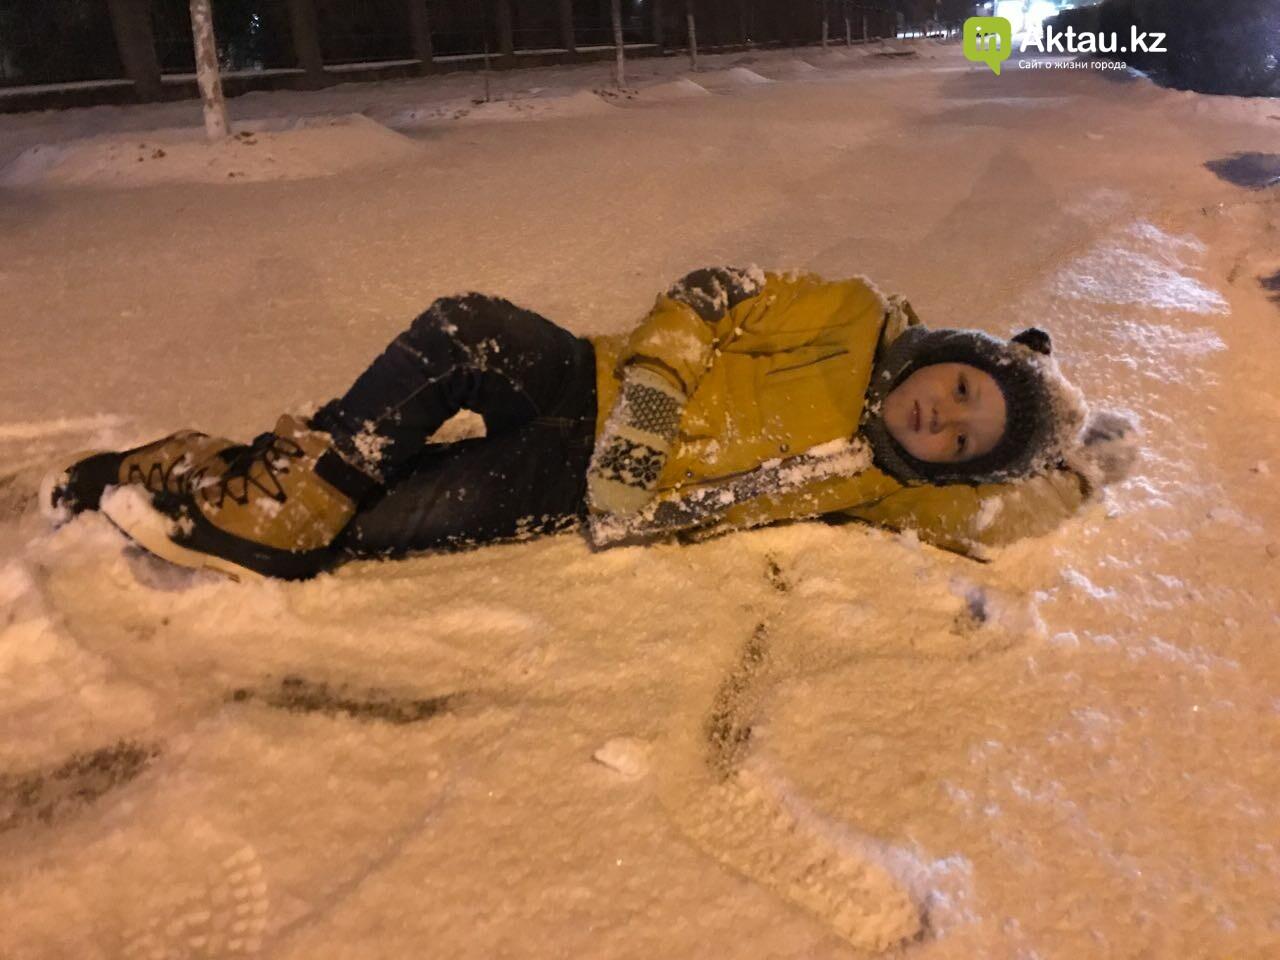 Первый снег в Актау (Фото), фото-3